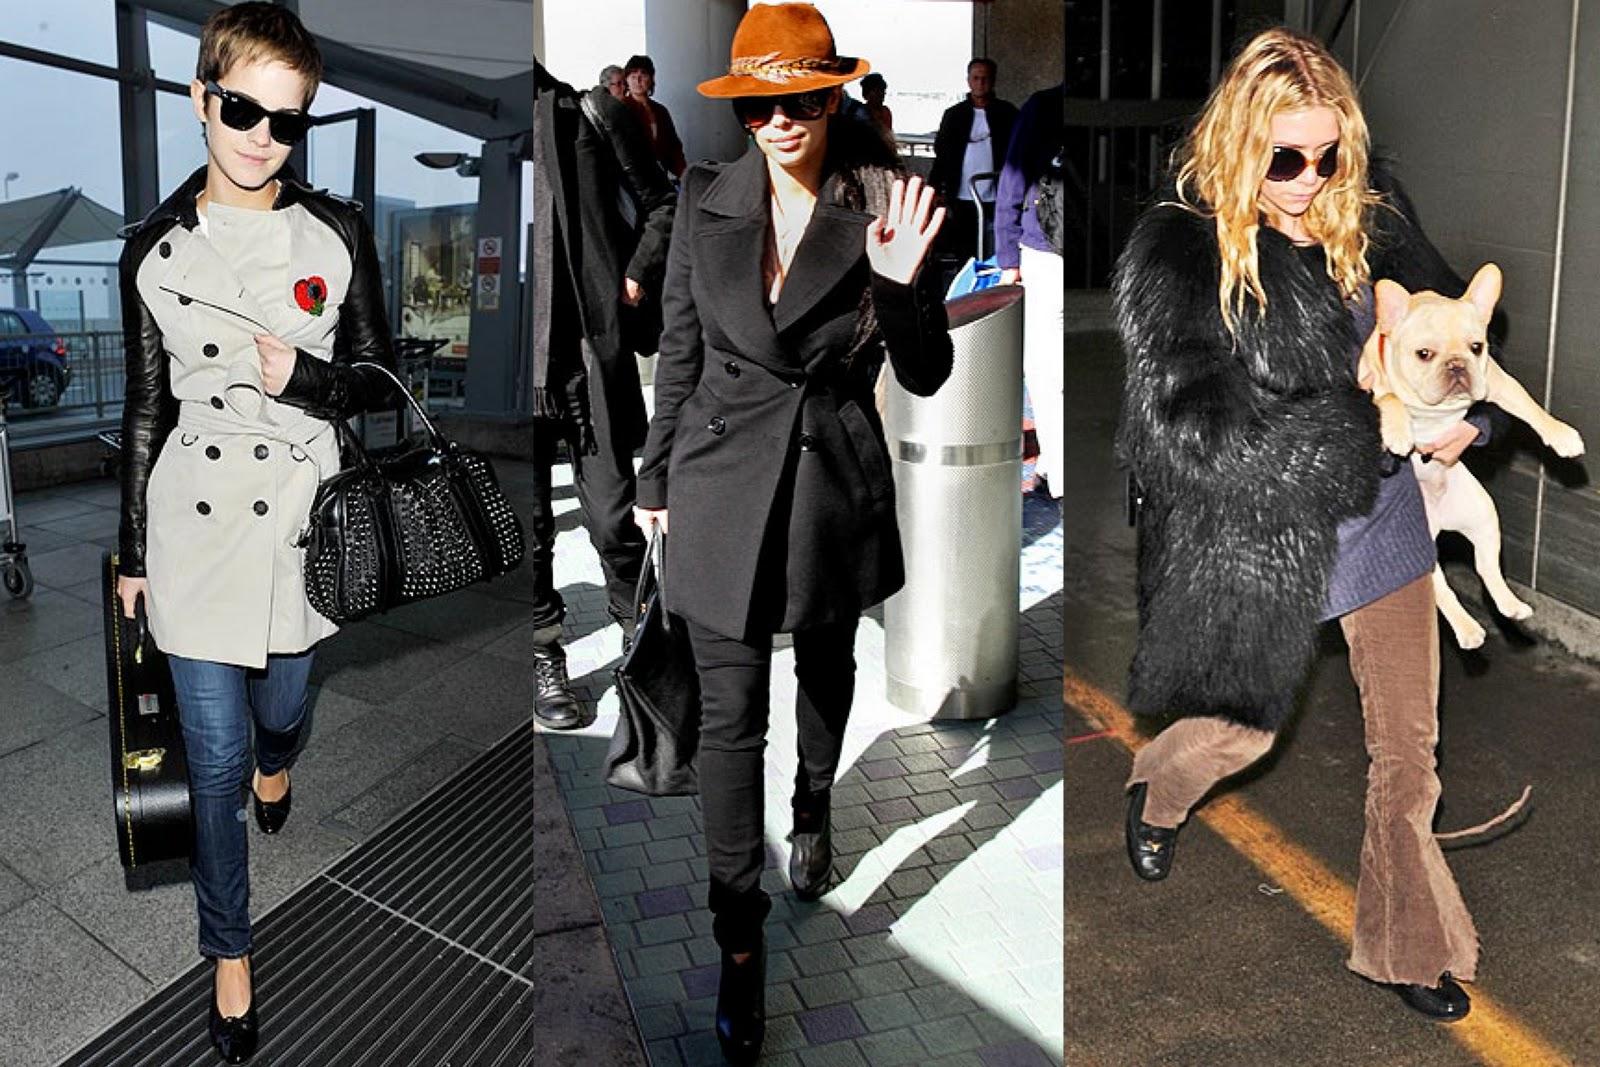 http://1.bp.blogspot.com/_PfmV3qvy8FY/TRo0-mi1VqI/AAAAAAAAAoo/n7lsb9p-5UE/s1600/la+modella+mafia+airport4.jpg